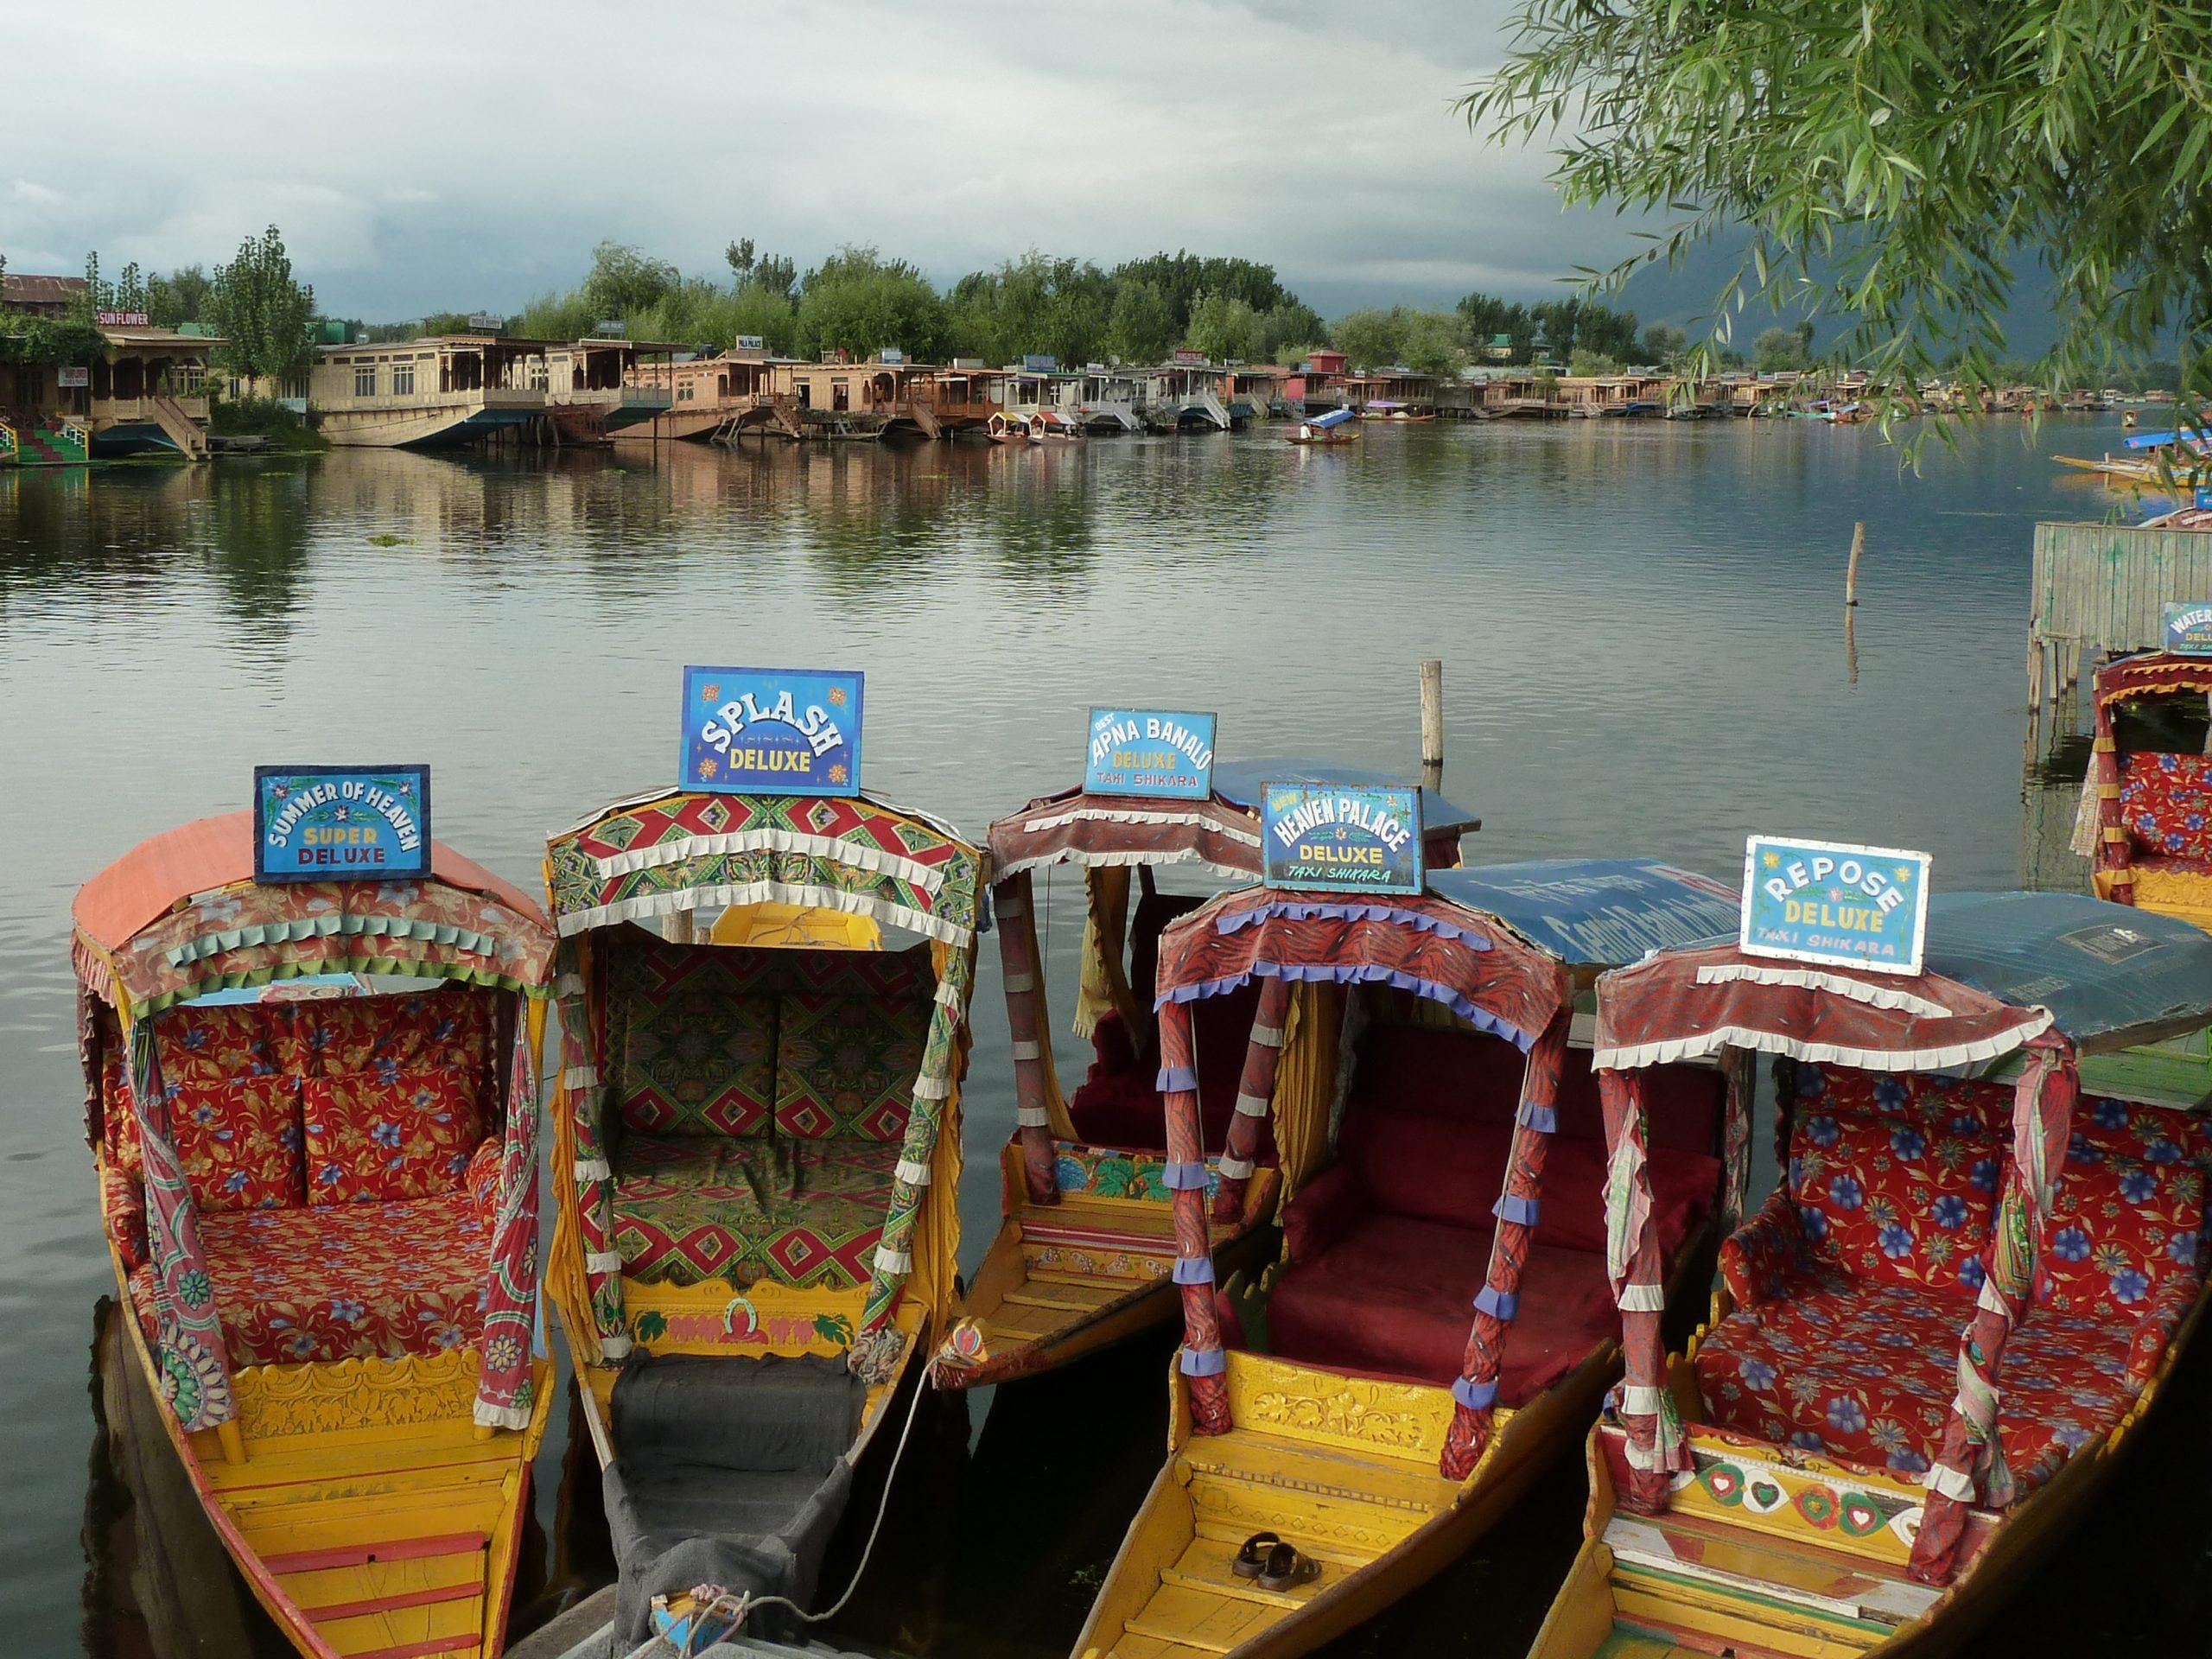 Radreise Ladakh 2012 - Shikaras und Hausboote auf dem Dal-See